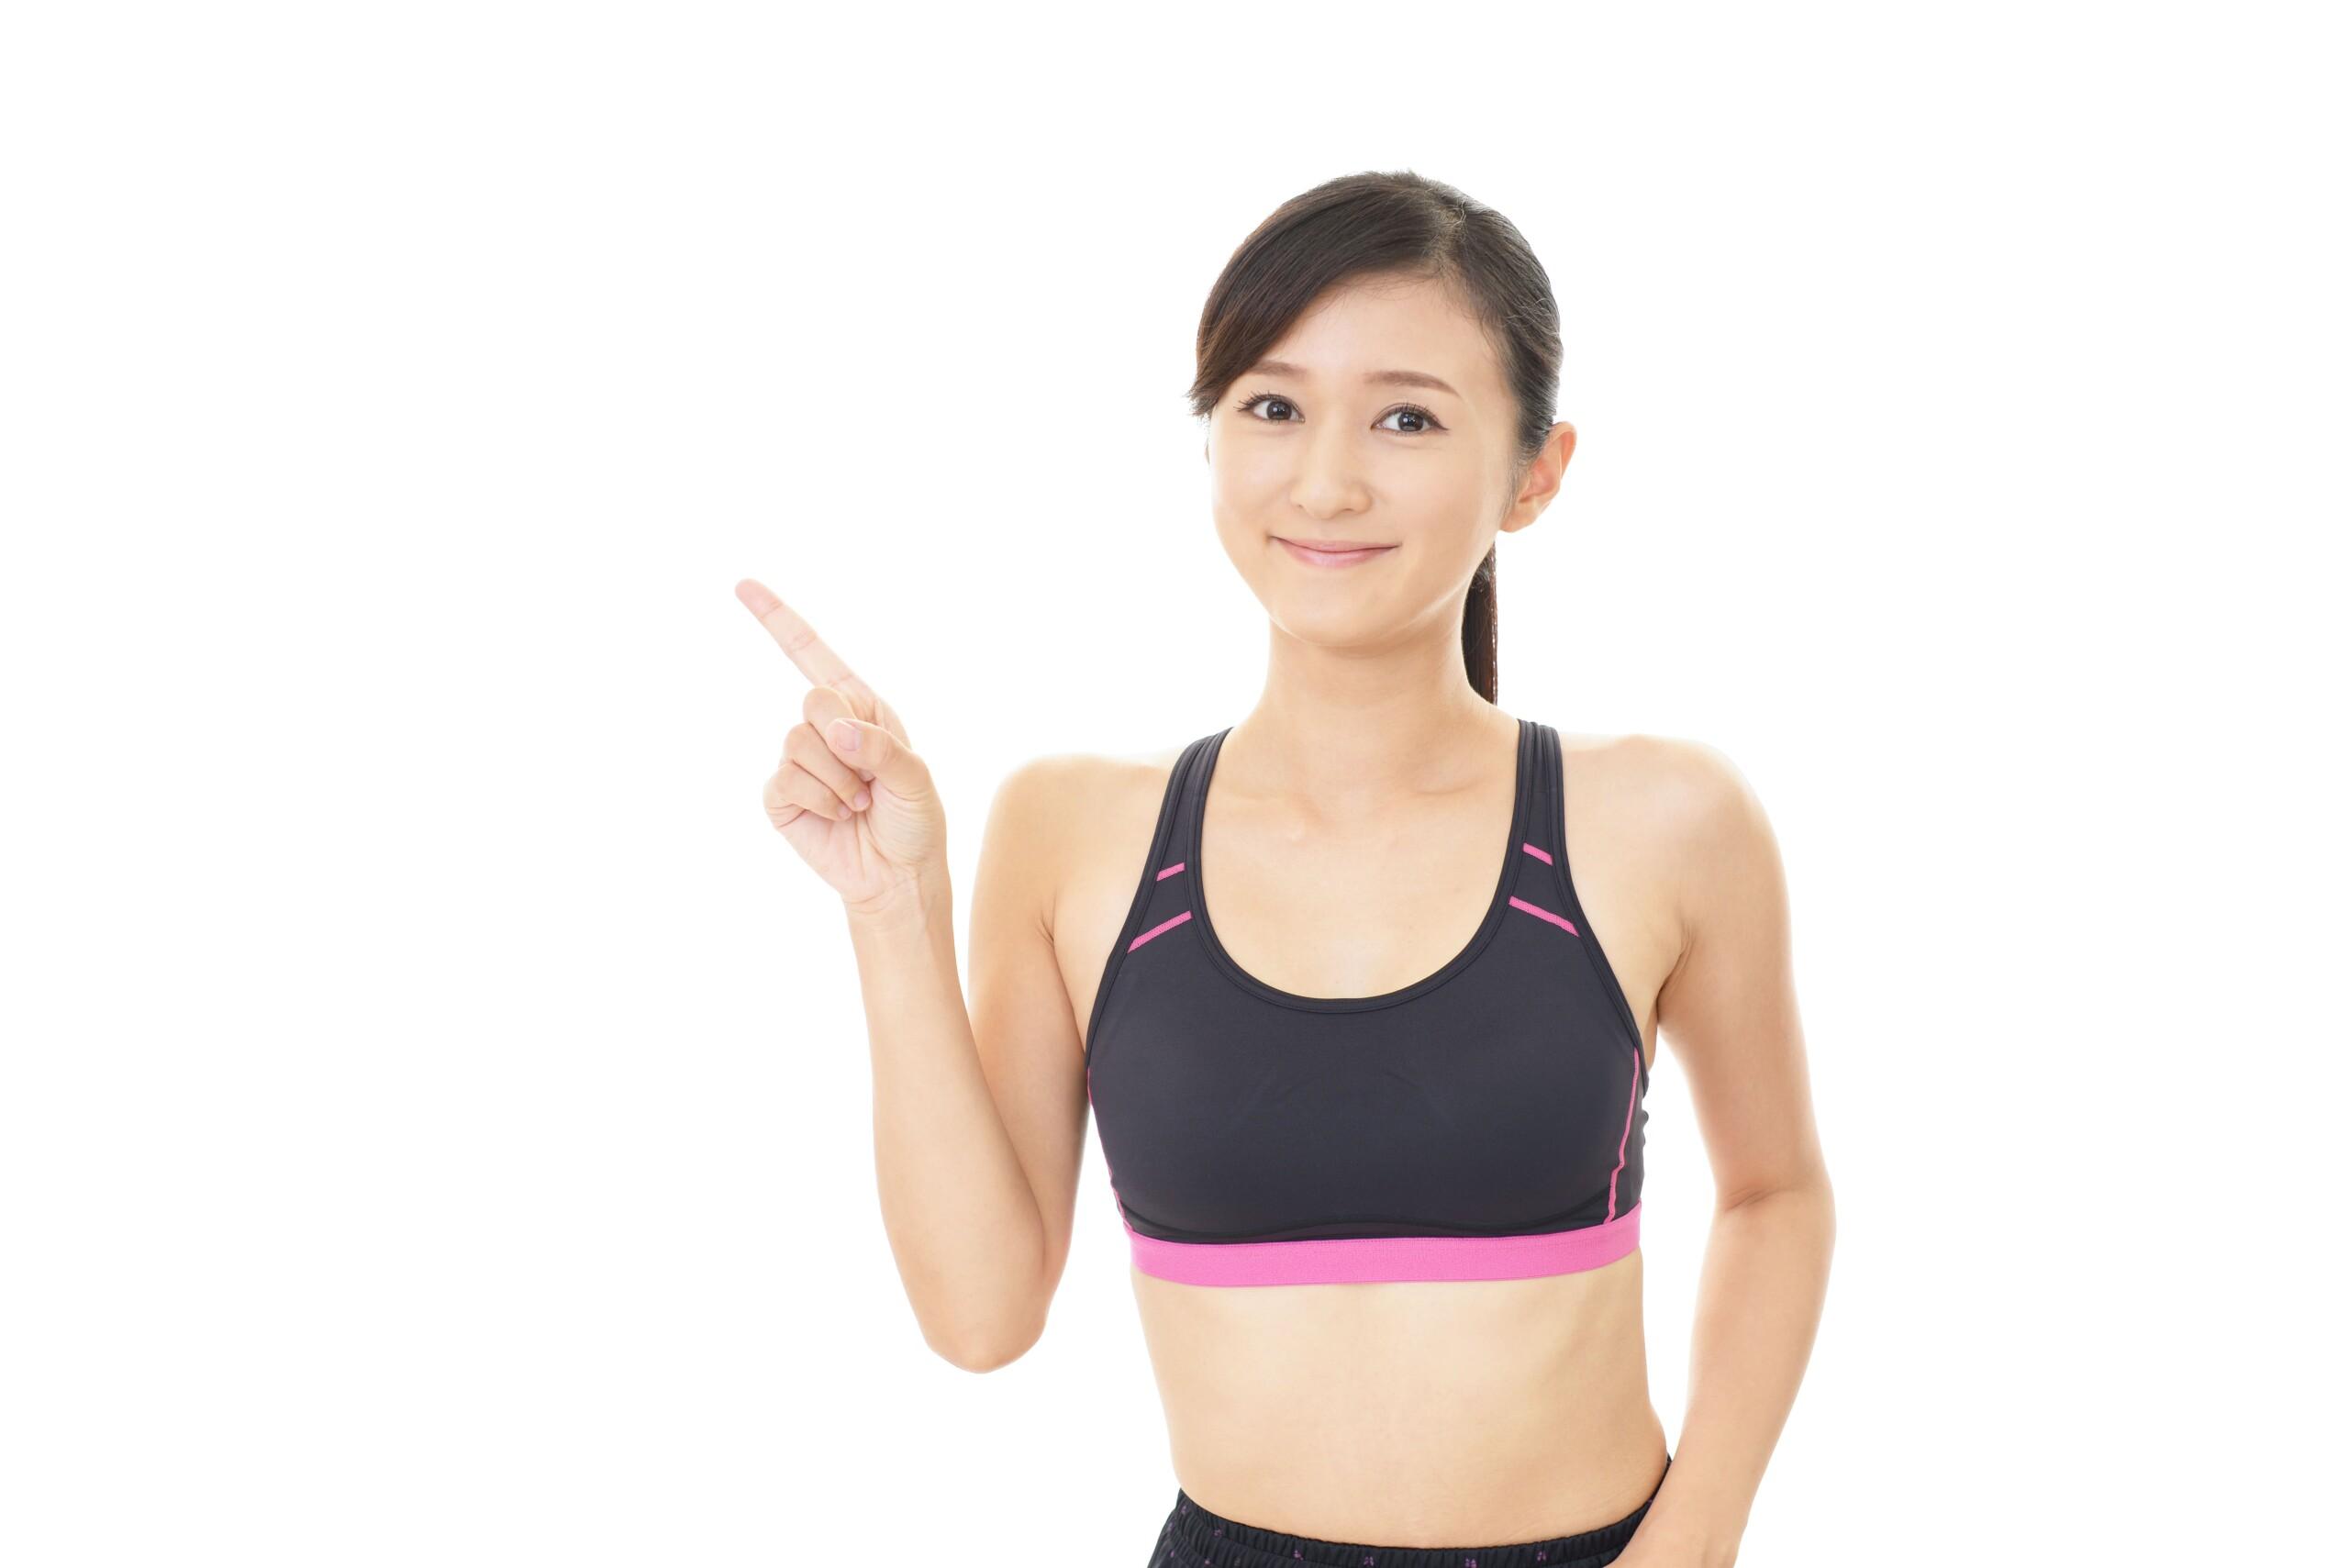 二の腕を引き締める為のおすすめなトレーニング法とは!女性が何かを教えている写真